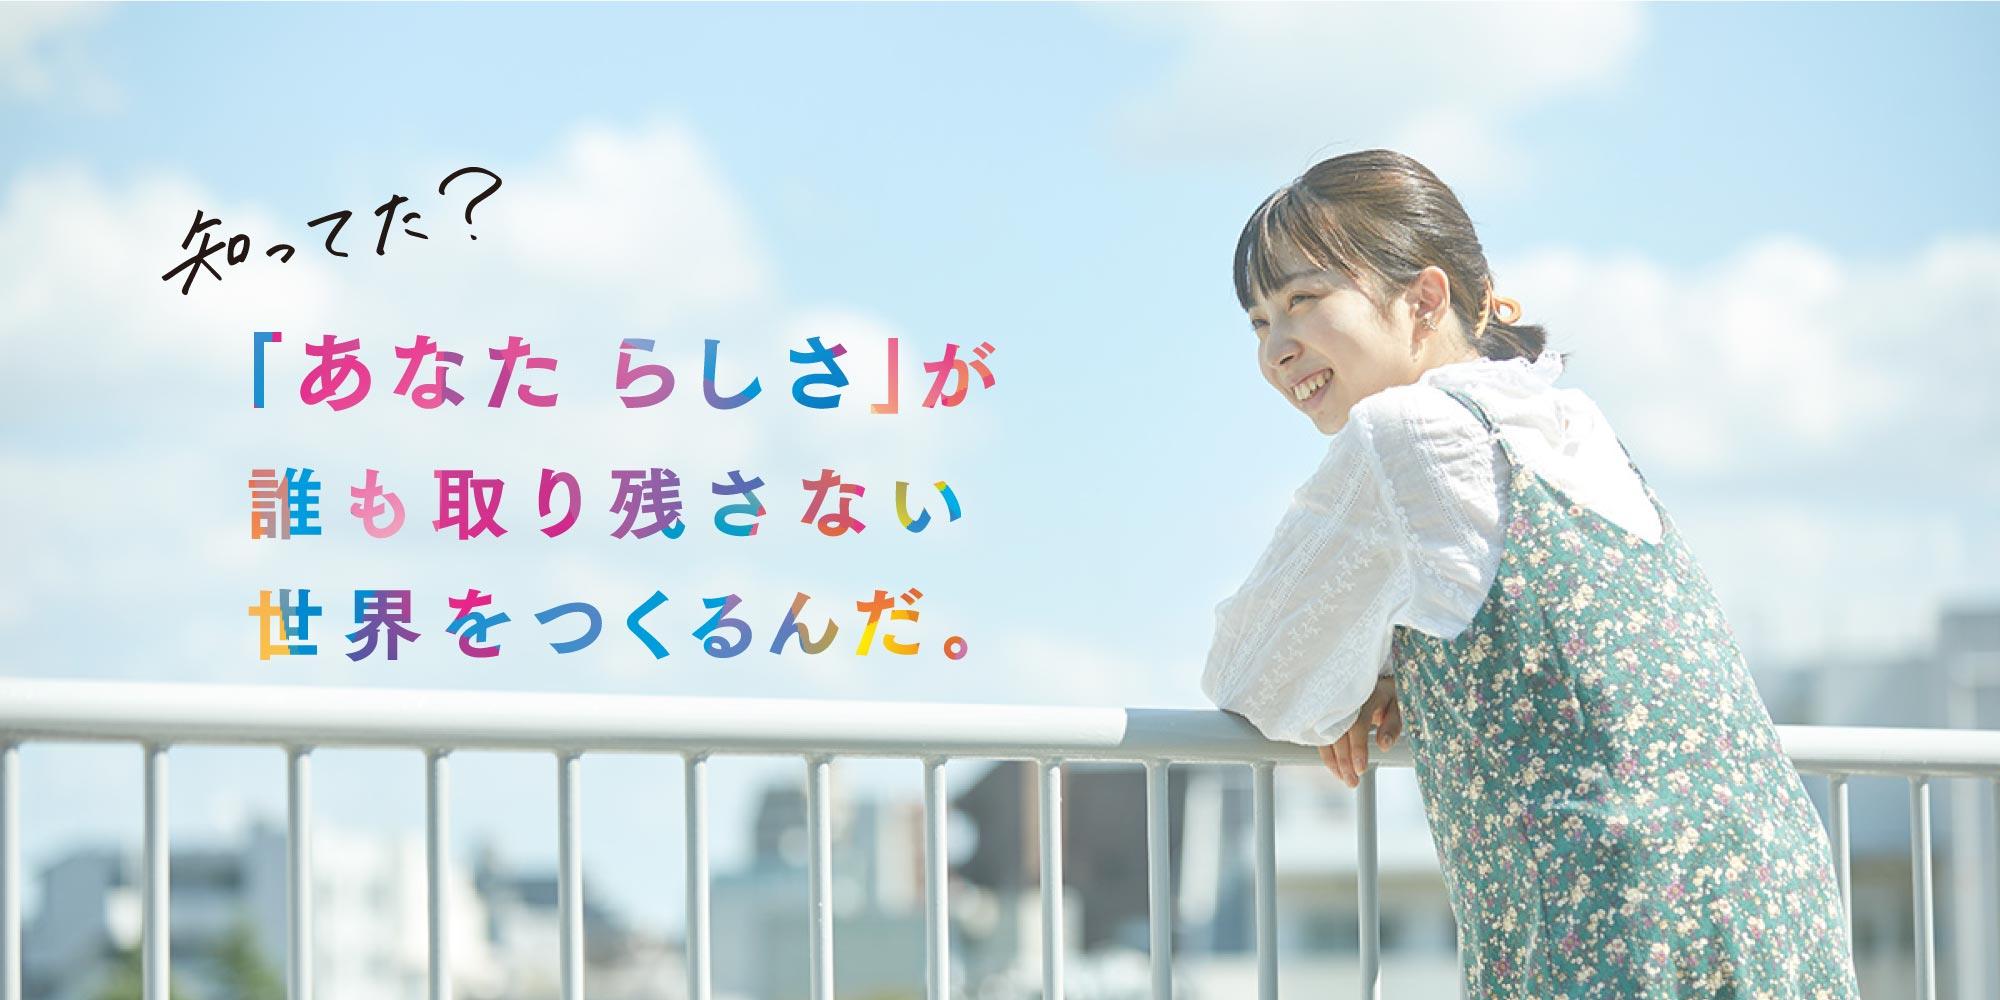 東京福祉の楽しい学び